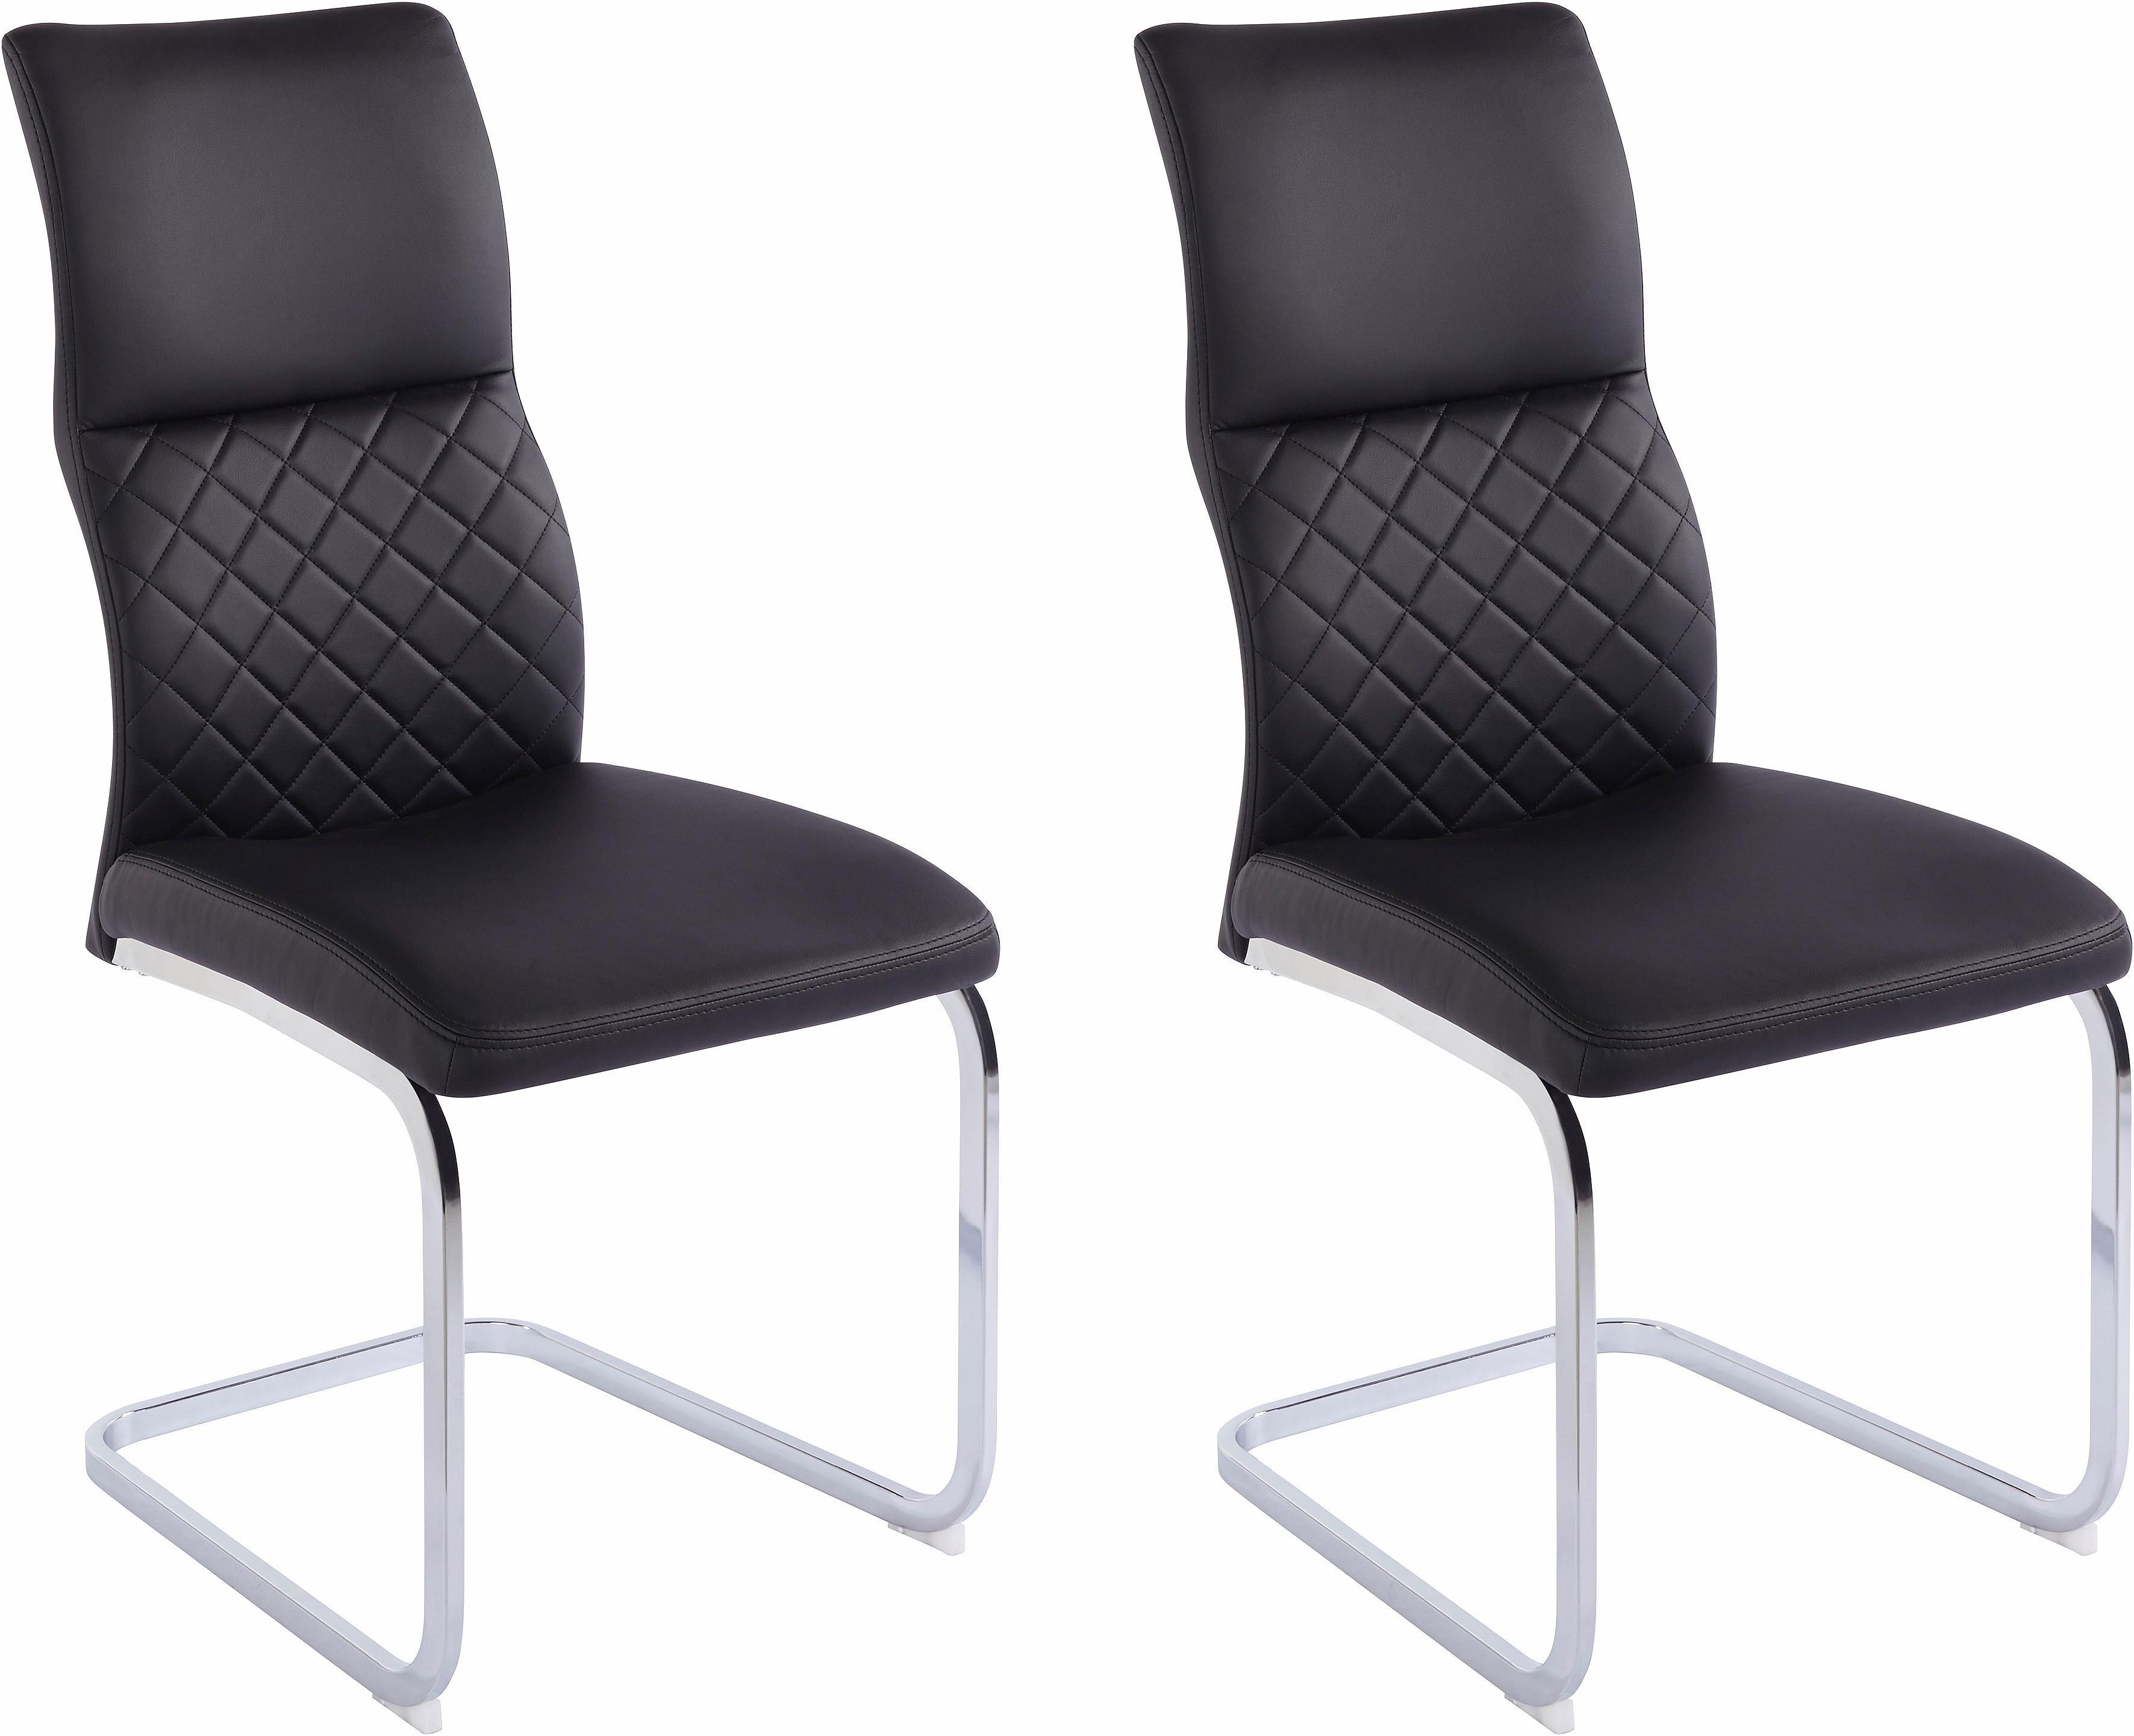 Homexperts Steinhoff vrijdragende stoel (set van 2) veilig op otto.nl kopen